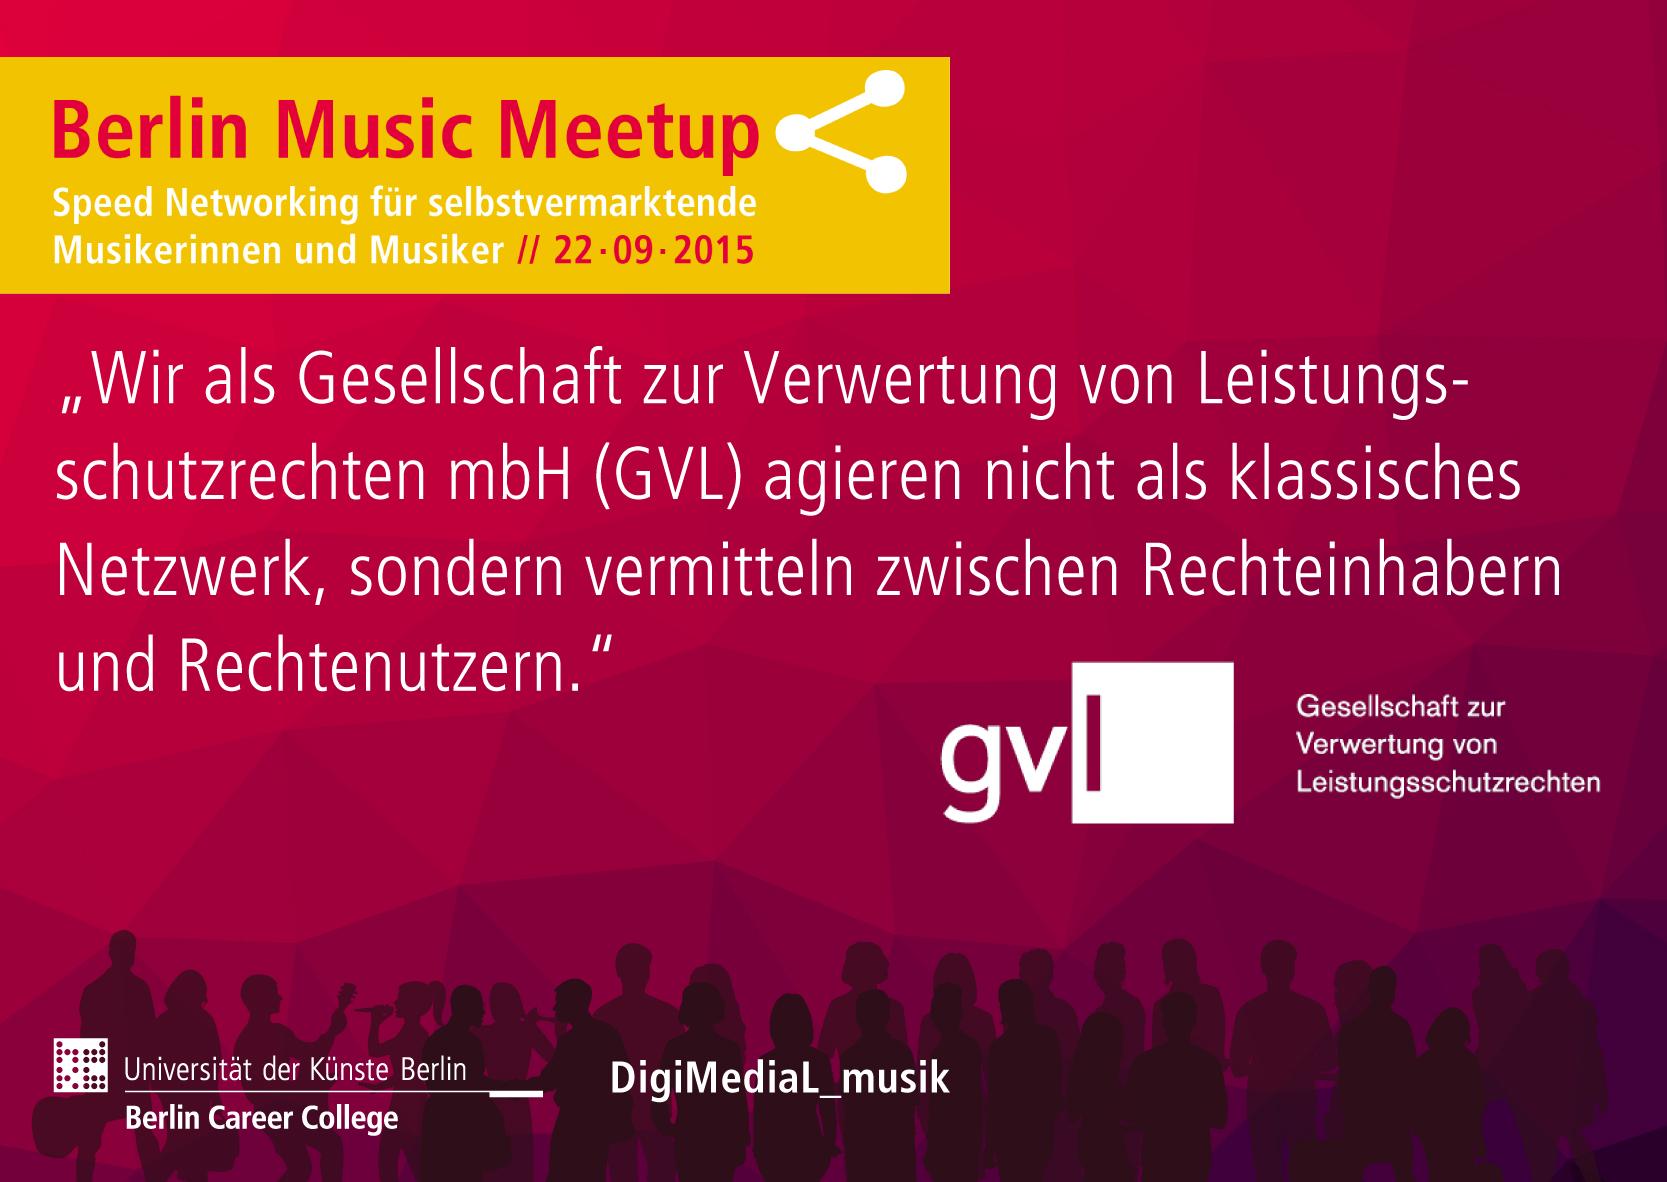 berlin_music_meetup_web_flyer_gvl-